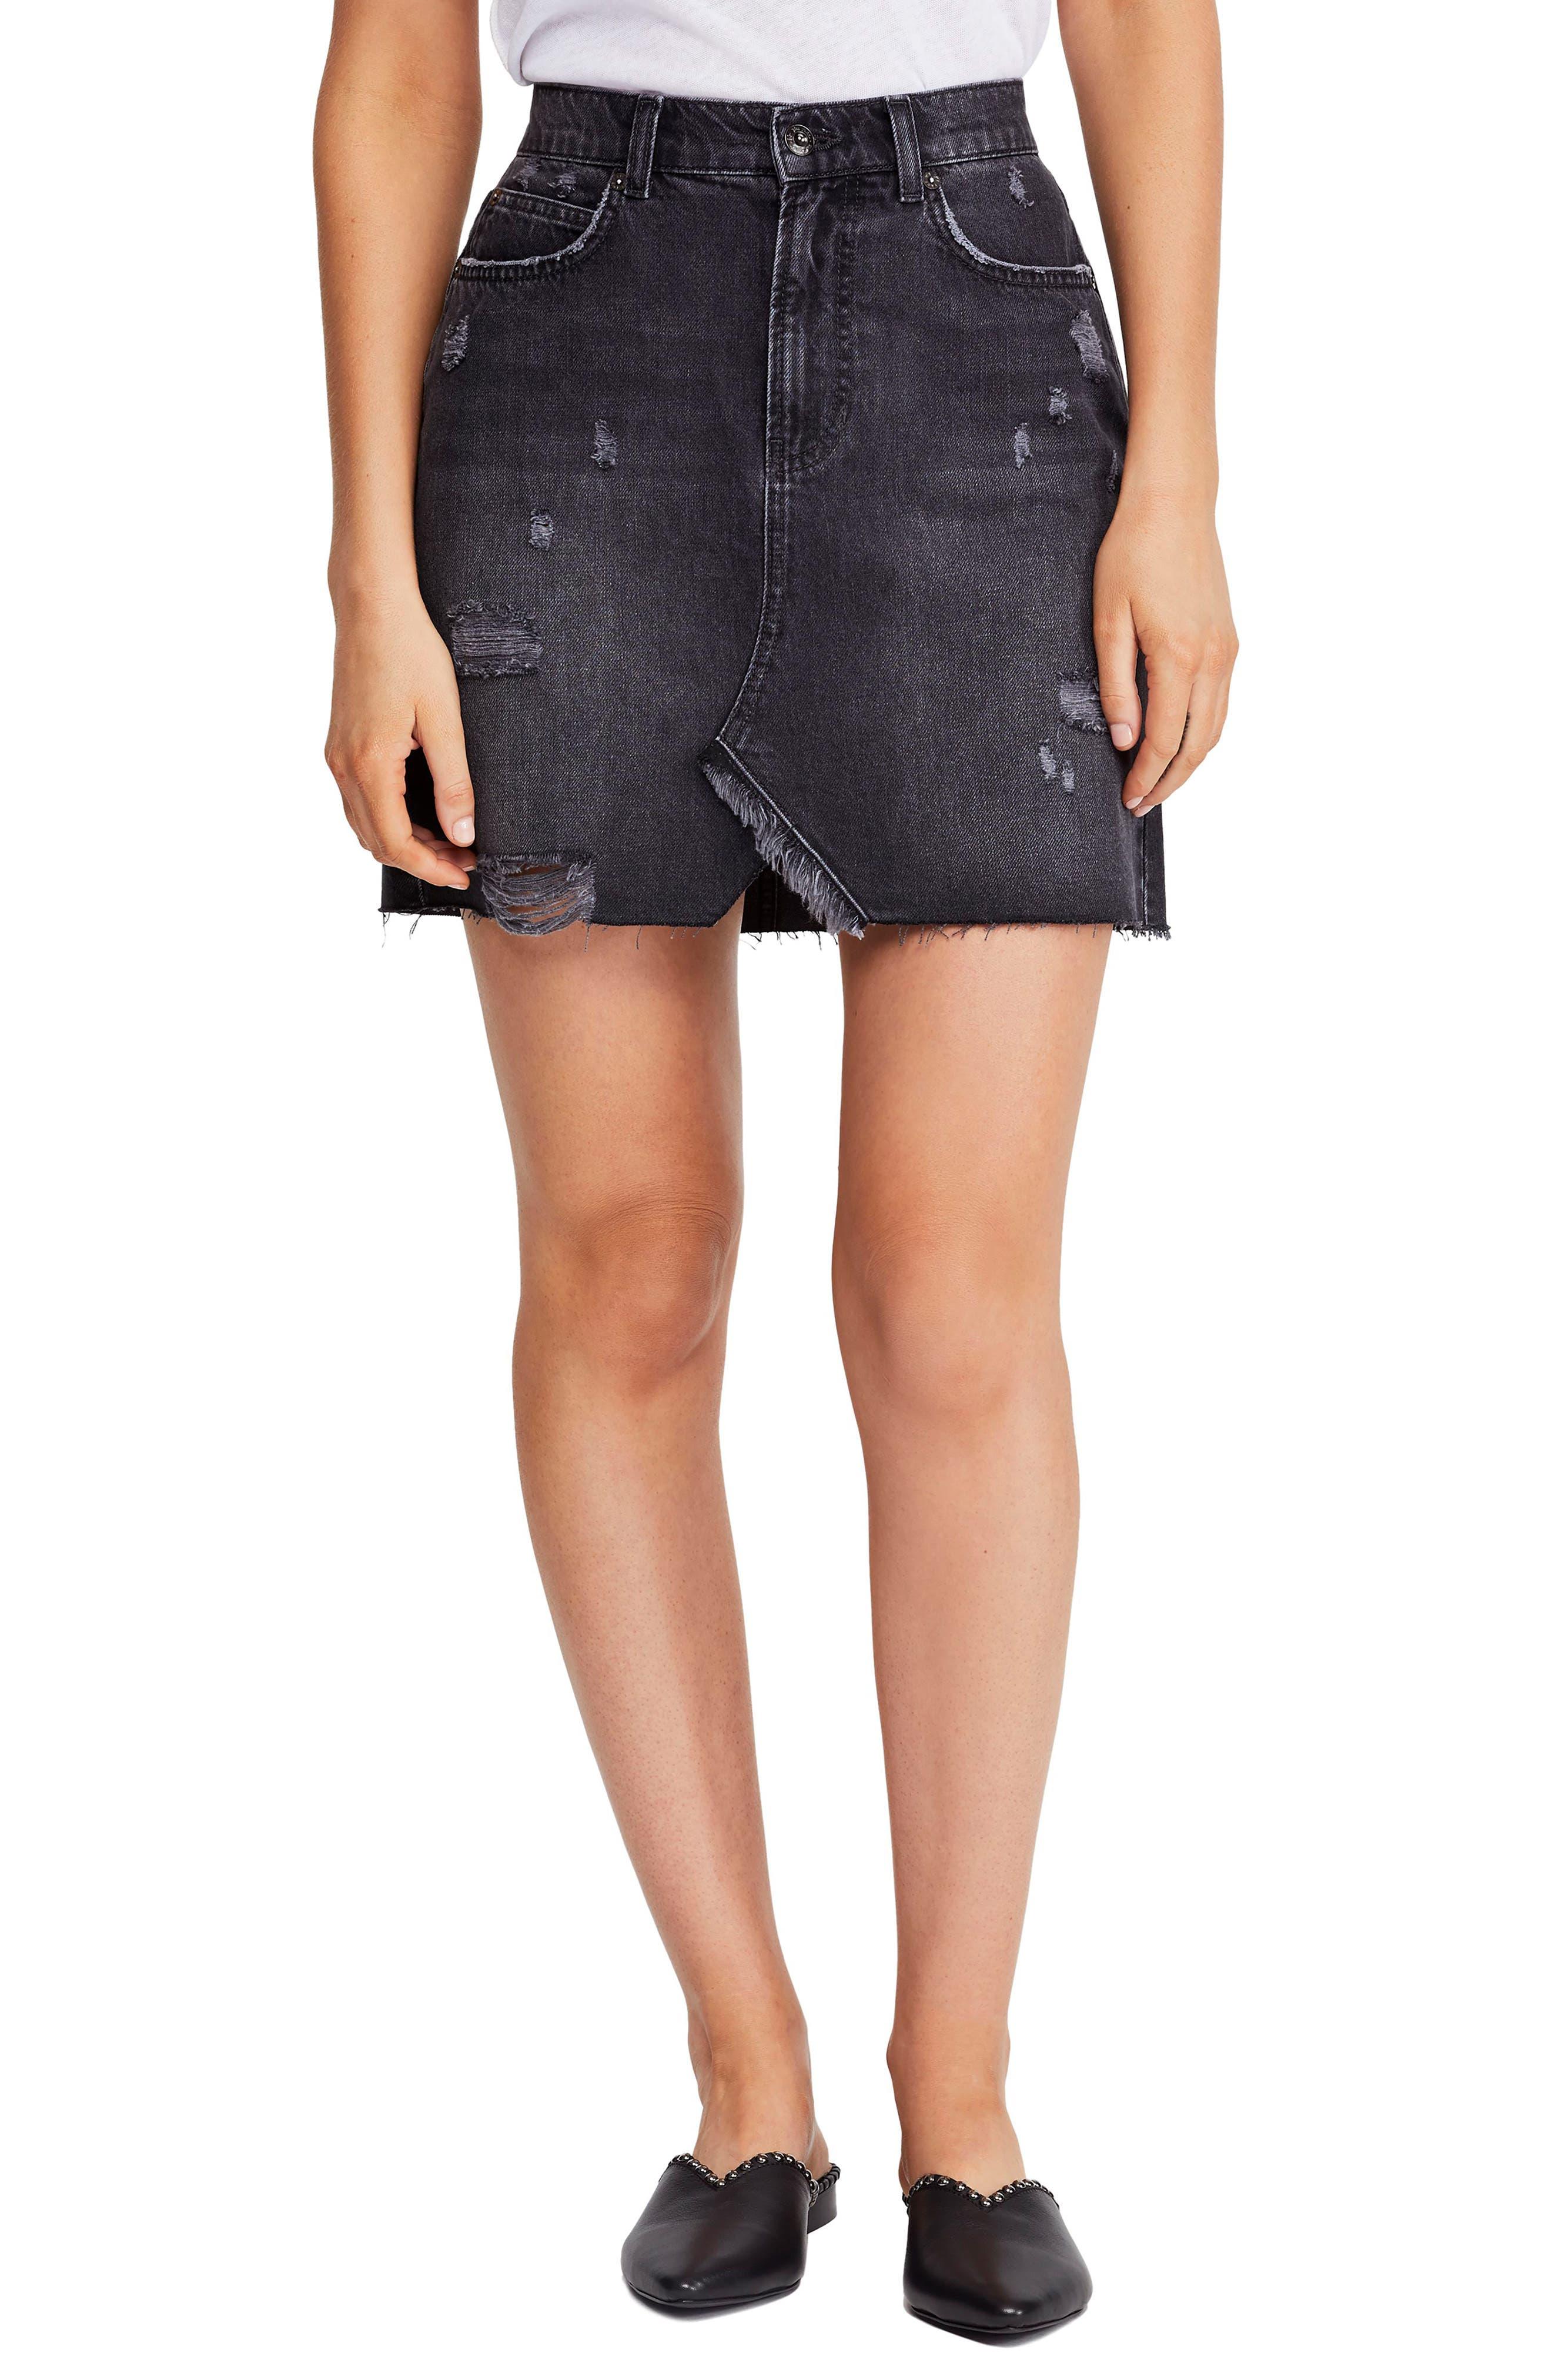 Free People Hallie Denim Miniskirt, Black